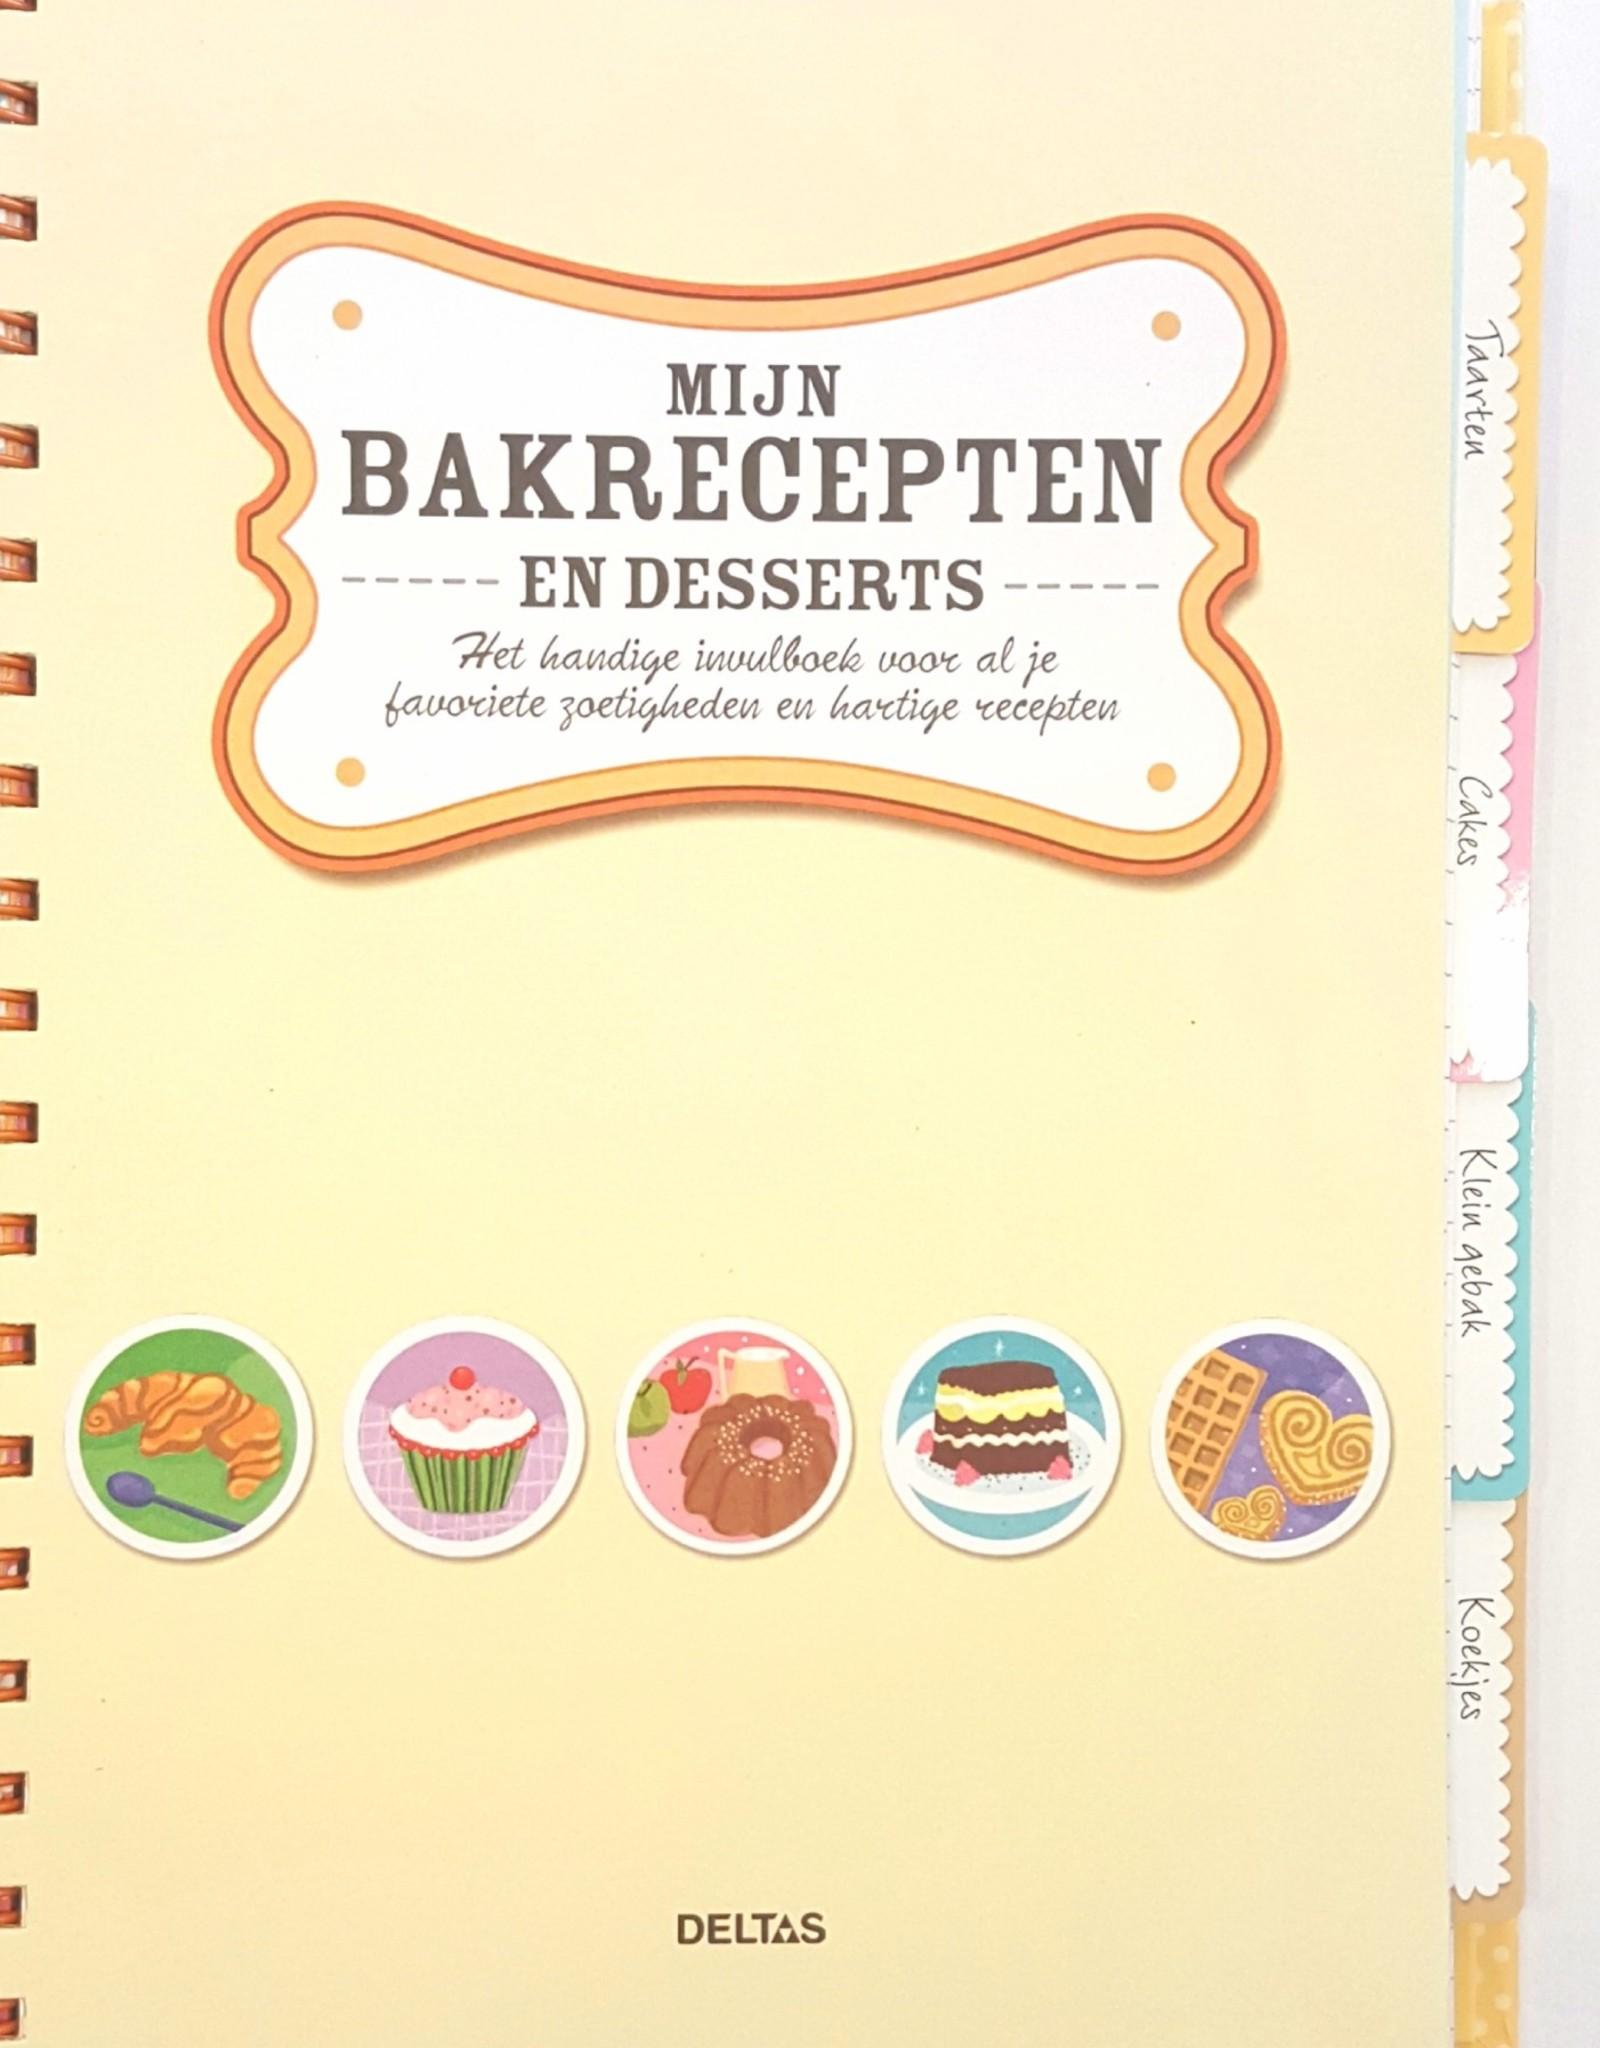 """Deltas Mijn Bakrecepten en Desserts """"invulboek"""" - Deltas"""